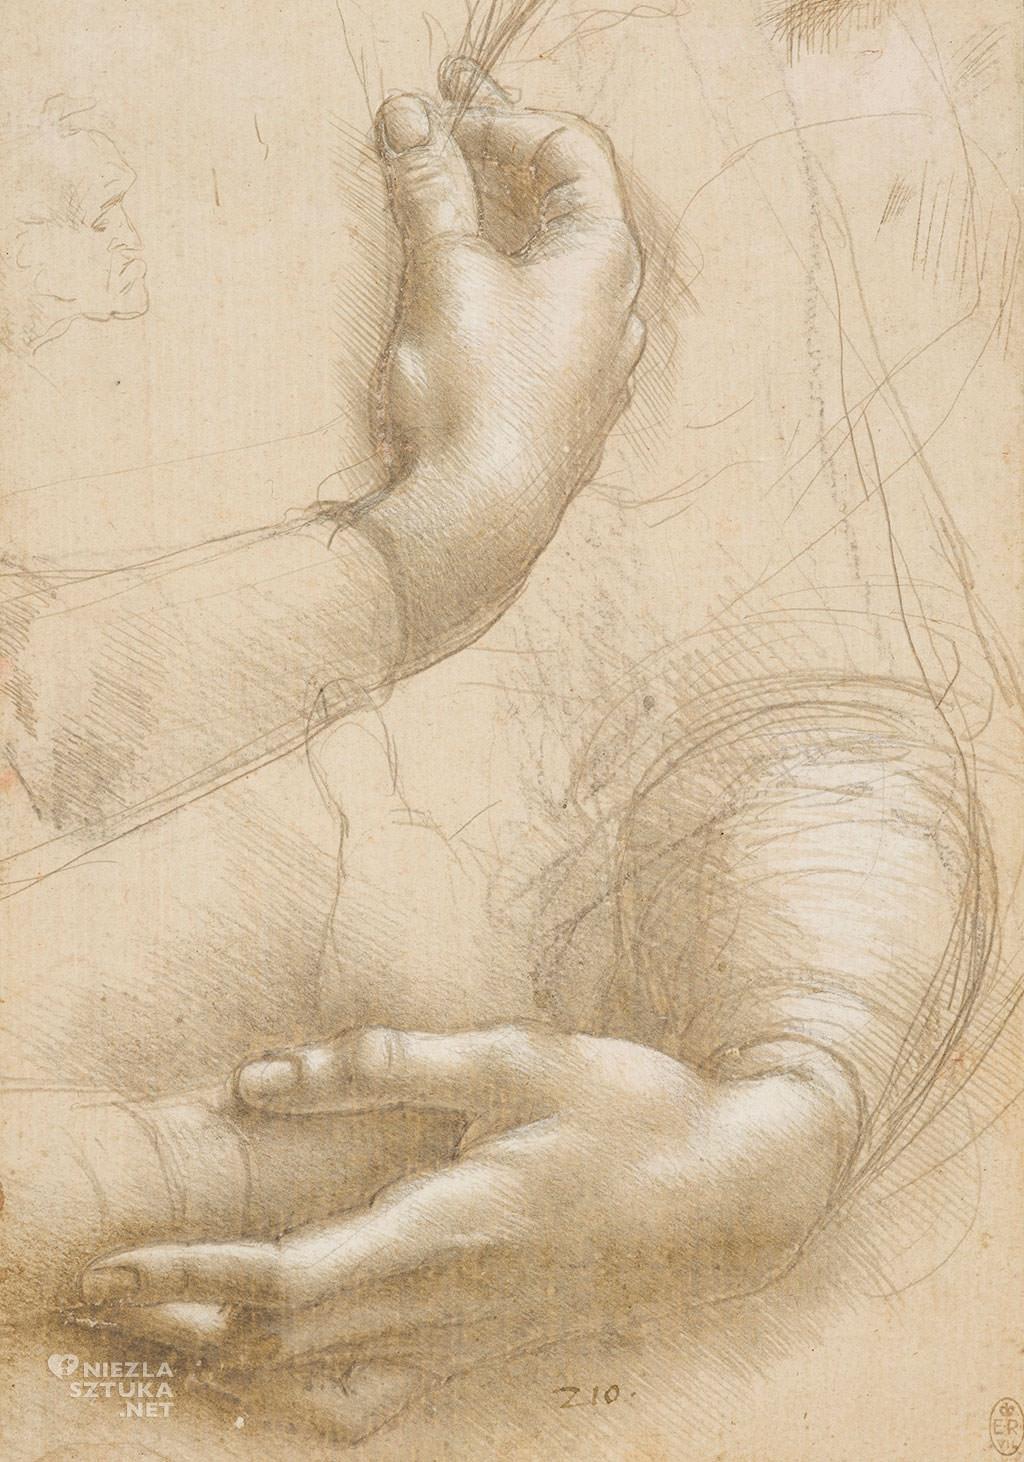 Leonardo da Vinci, Studium dłoni, szkic, sztuka włoska, Niezła sztuka